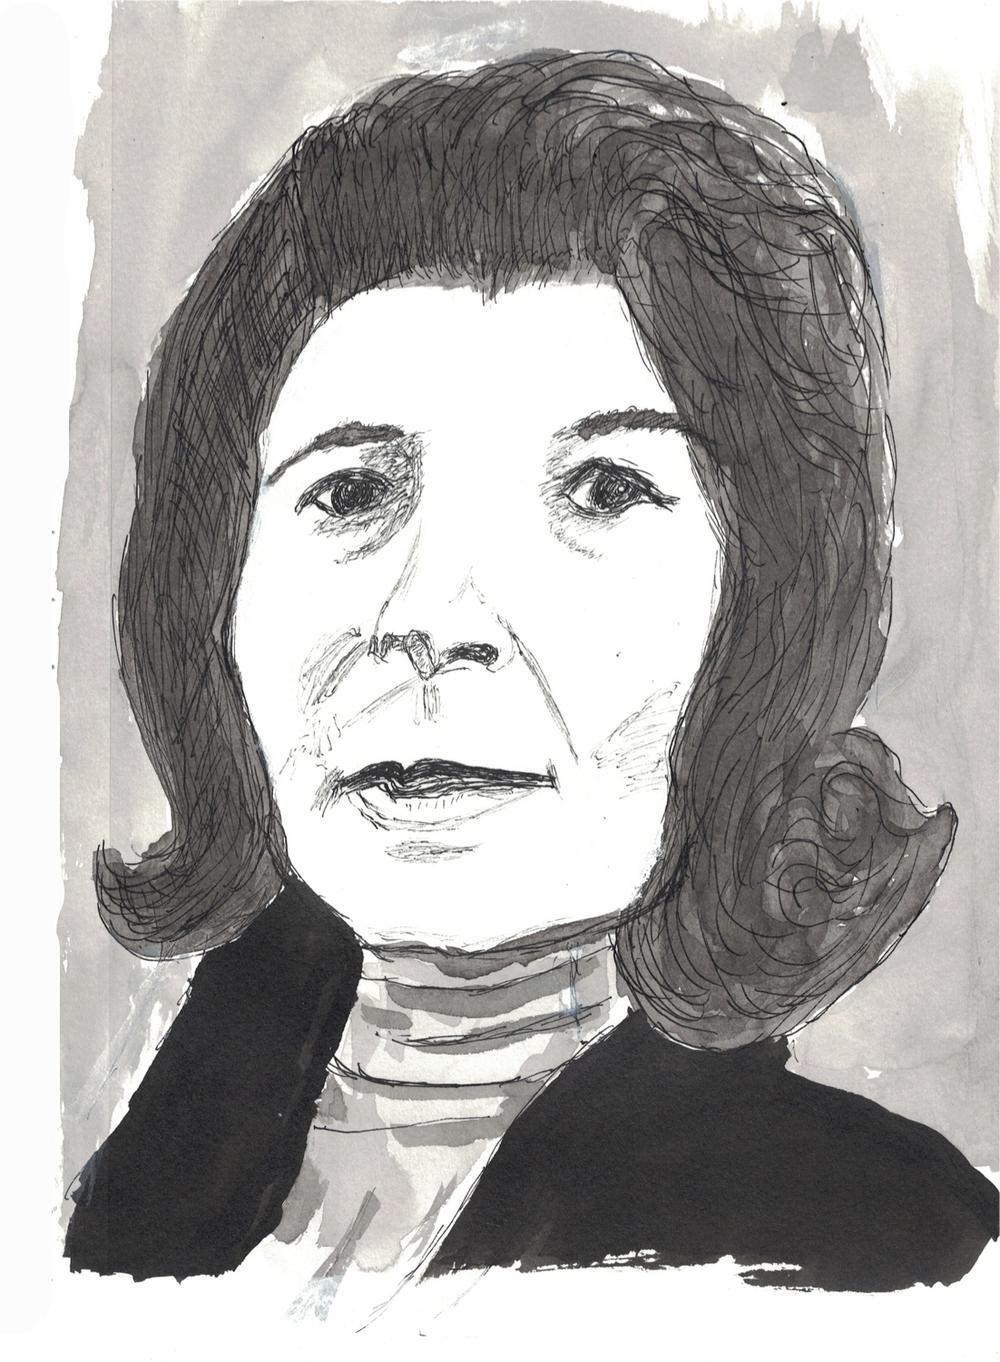 Ms. Olken